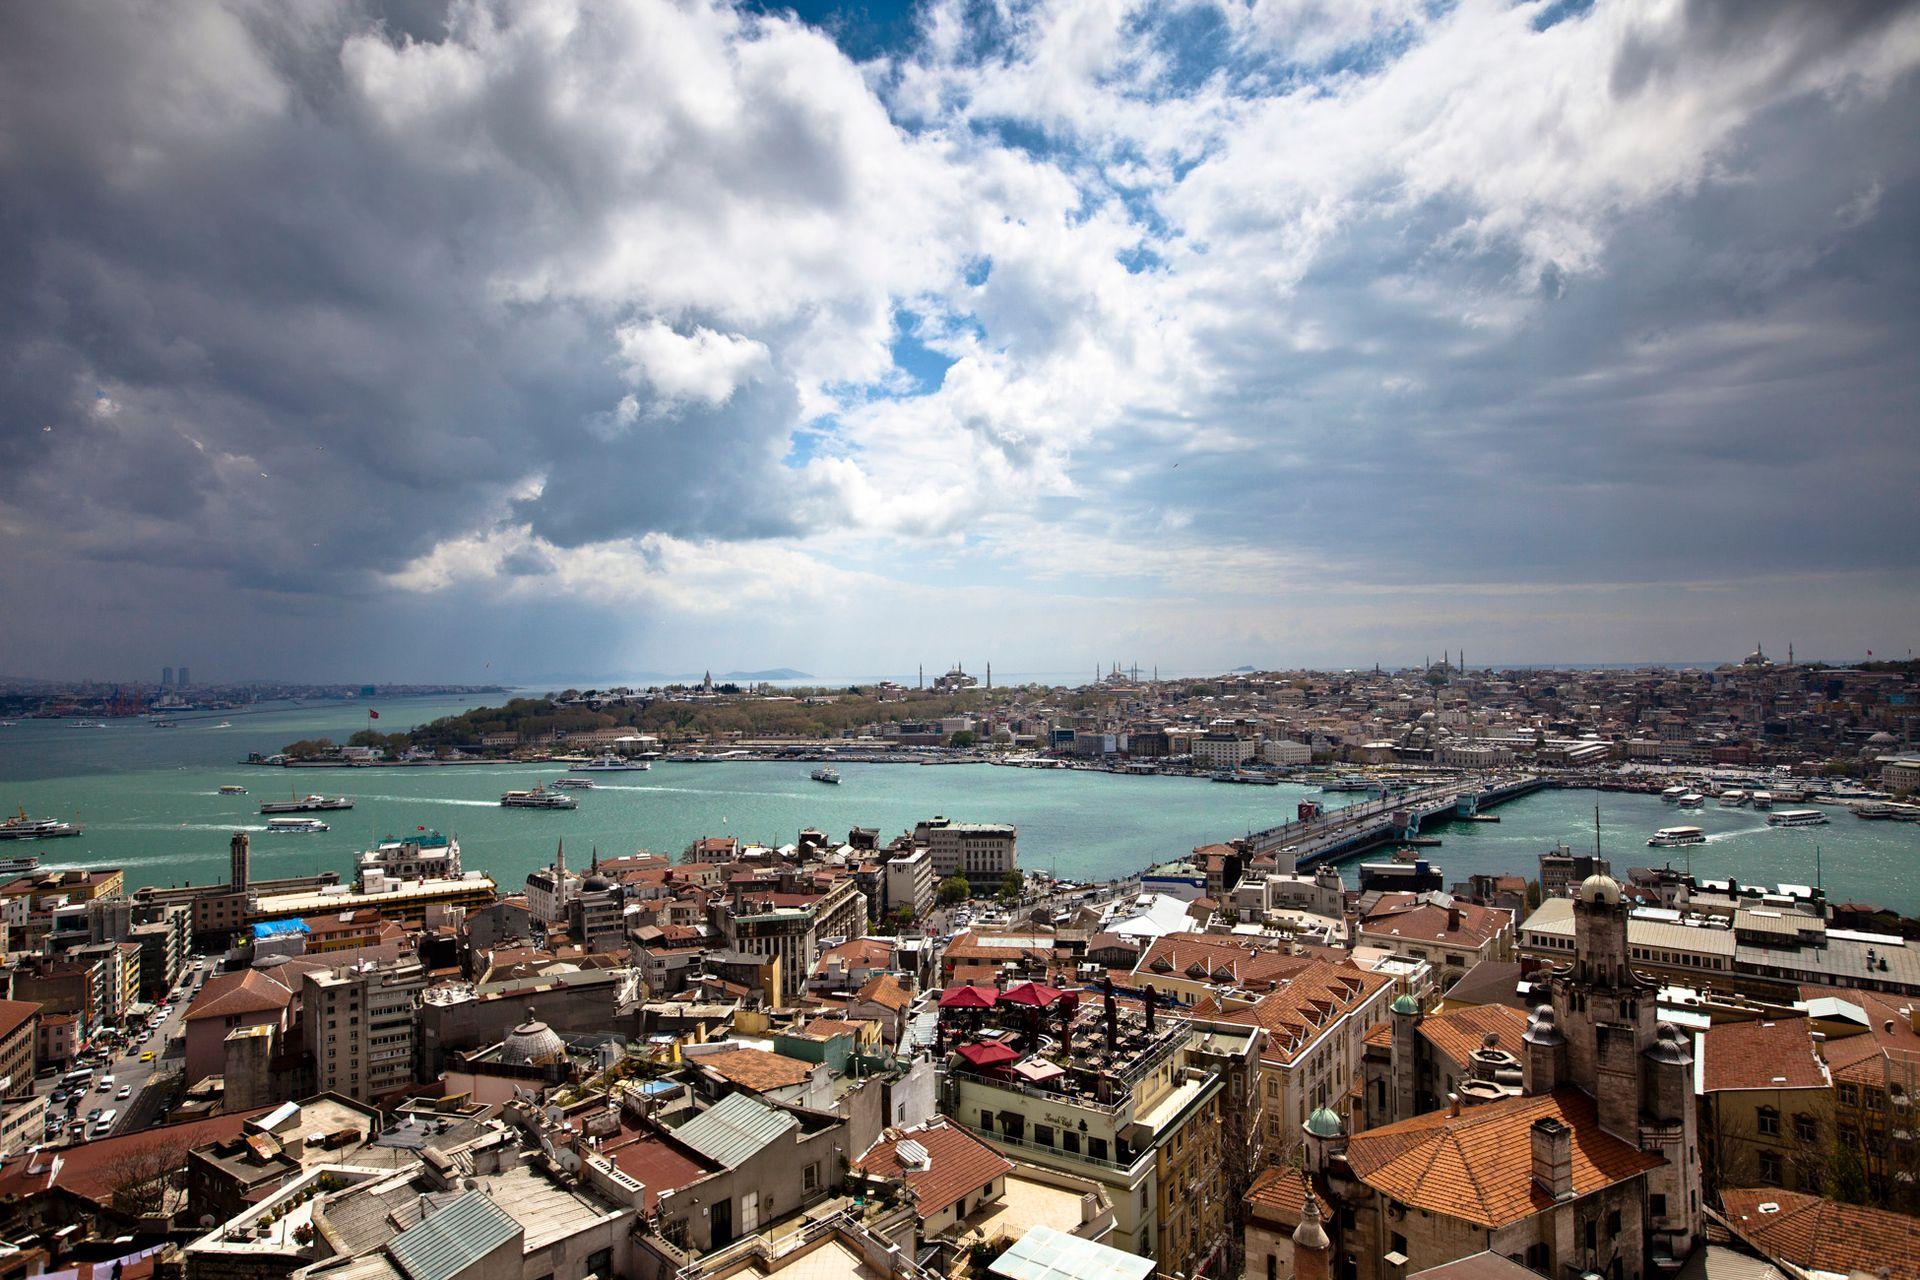 Vista de la ciudad de Estambul desde la torre Galata.